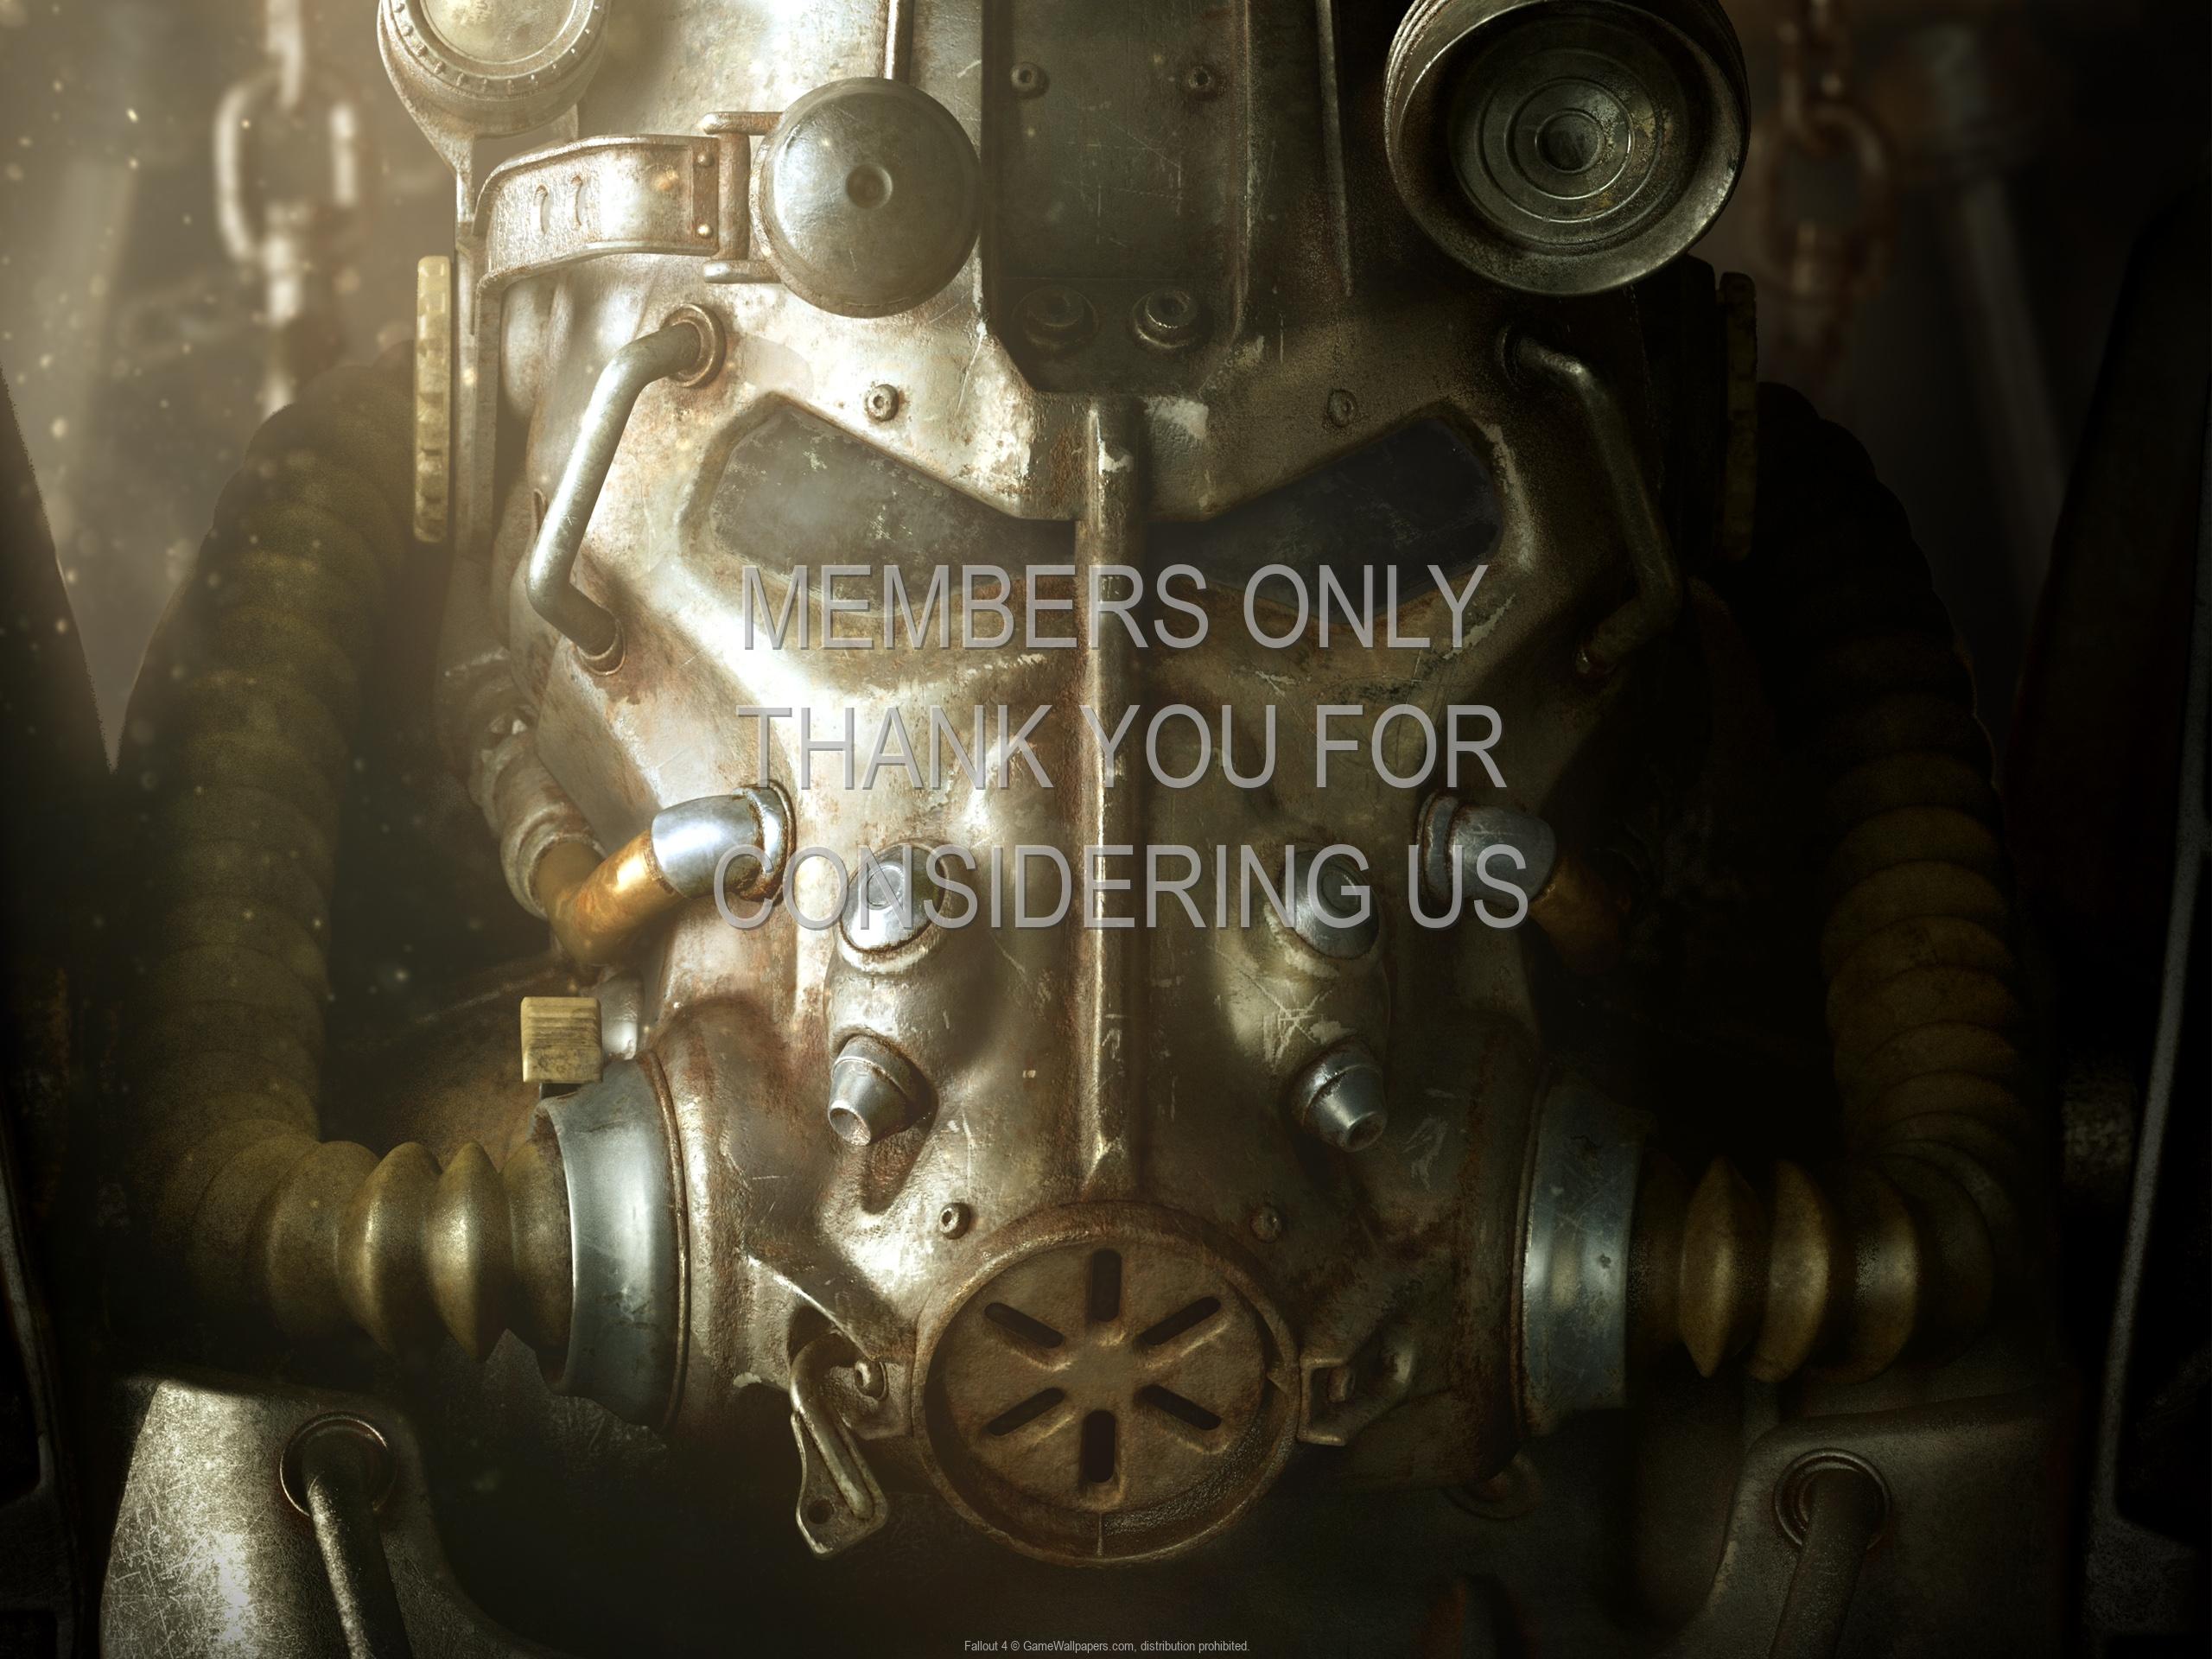 Fallout 4 wallpaper 11 @ 1920x1080